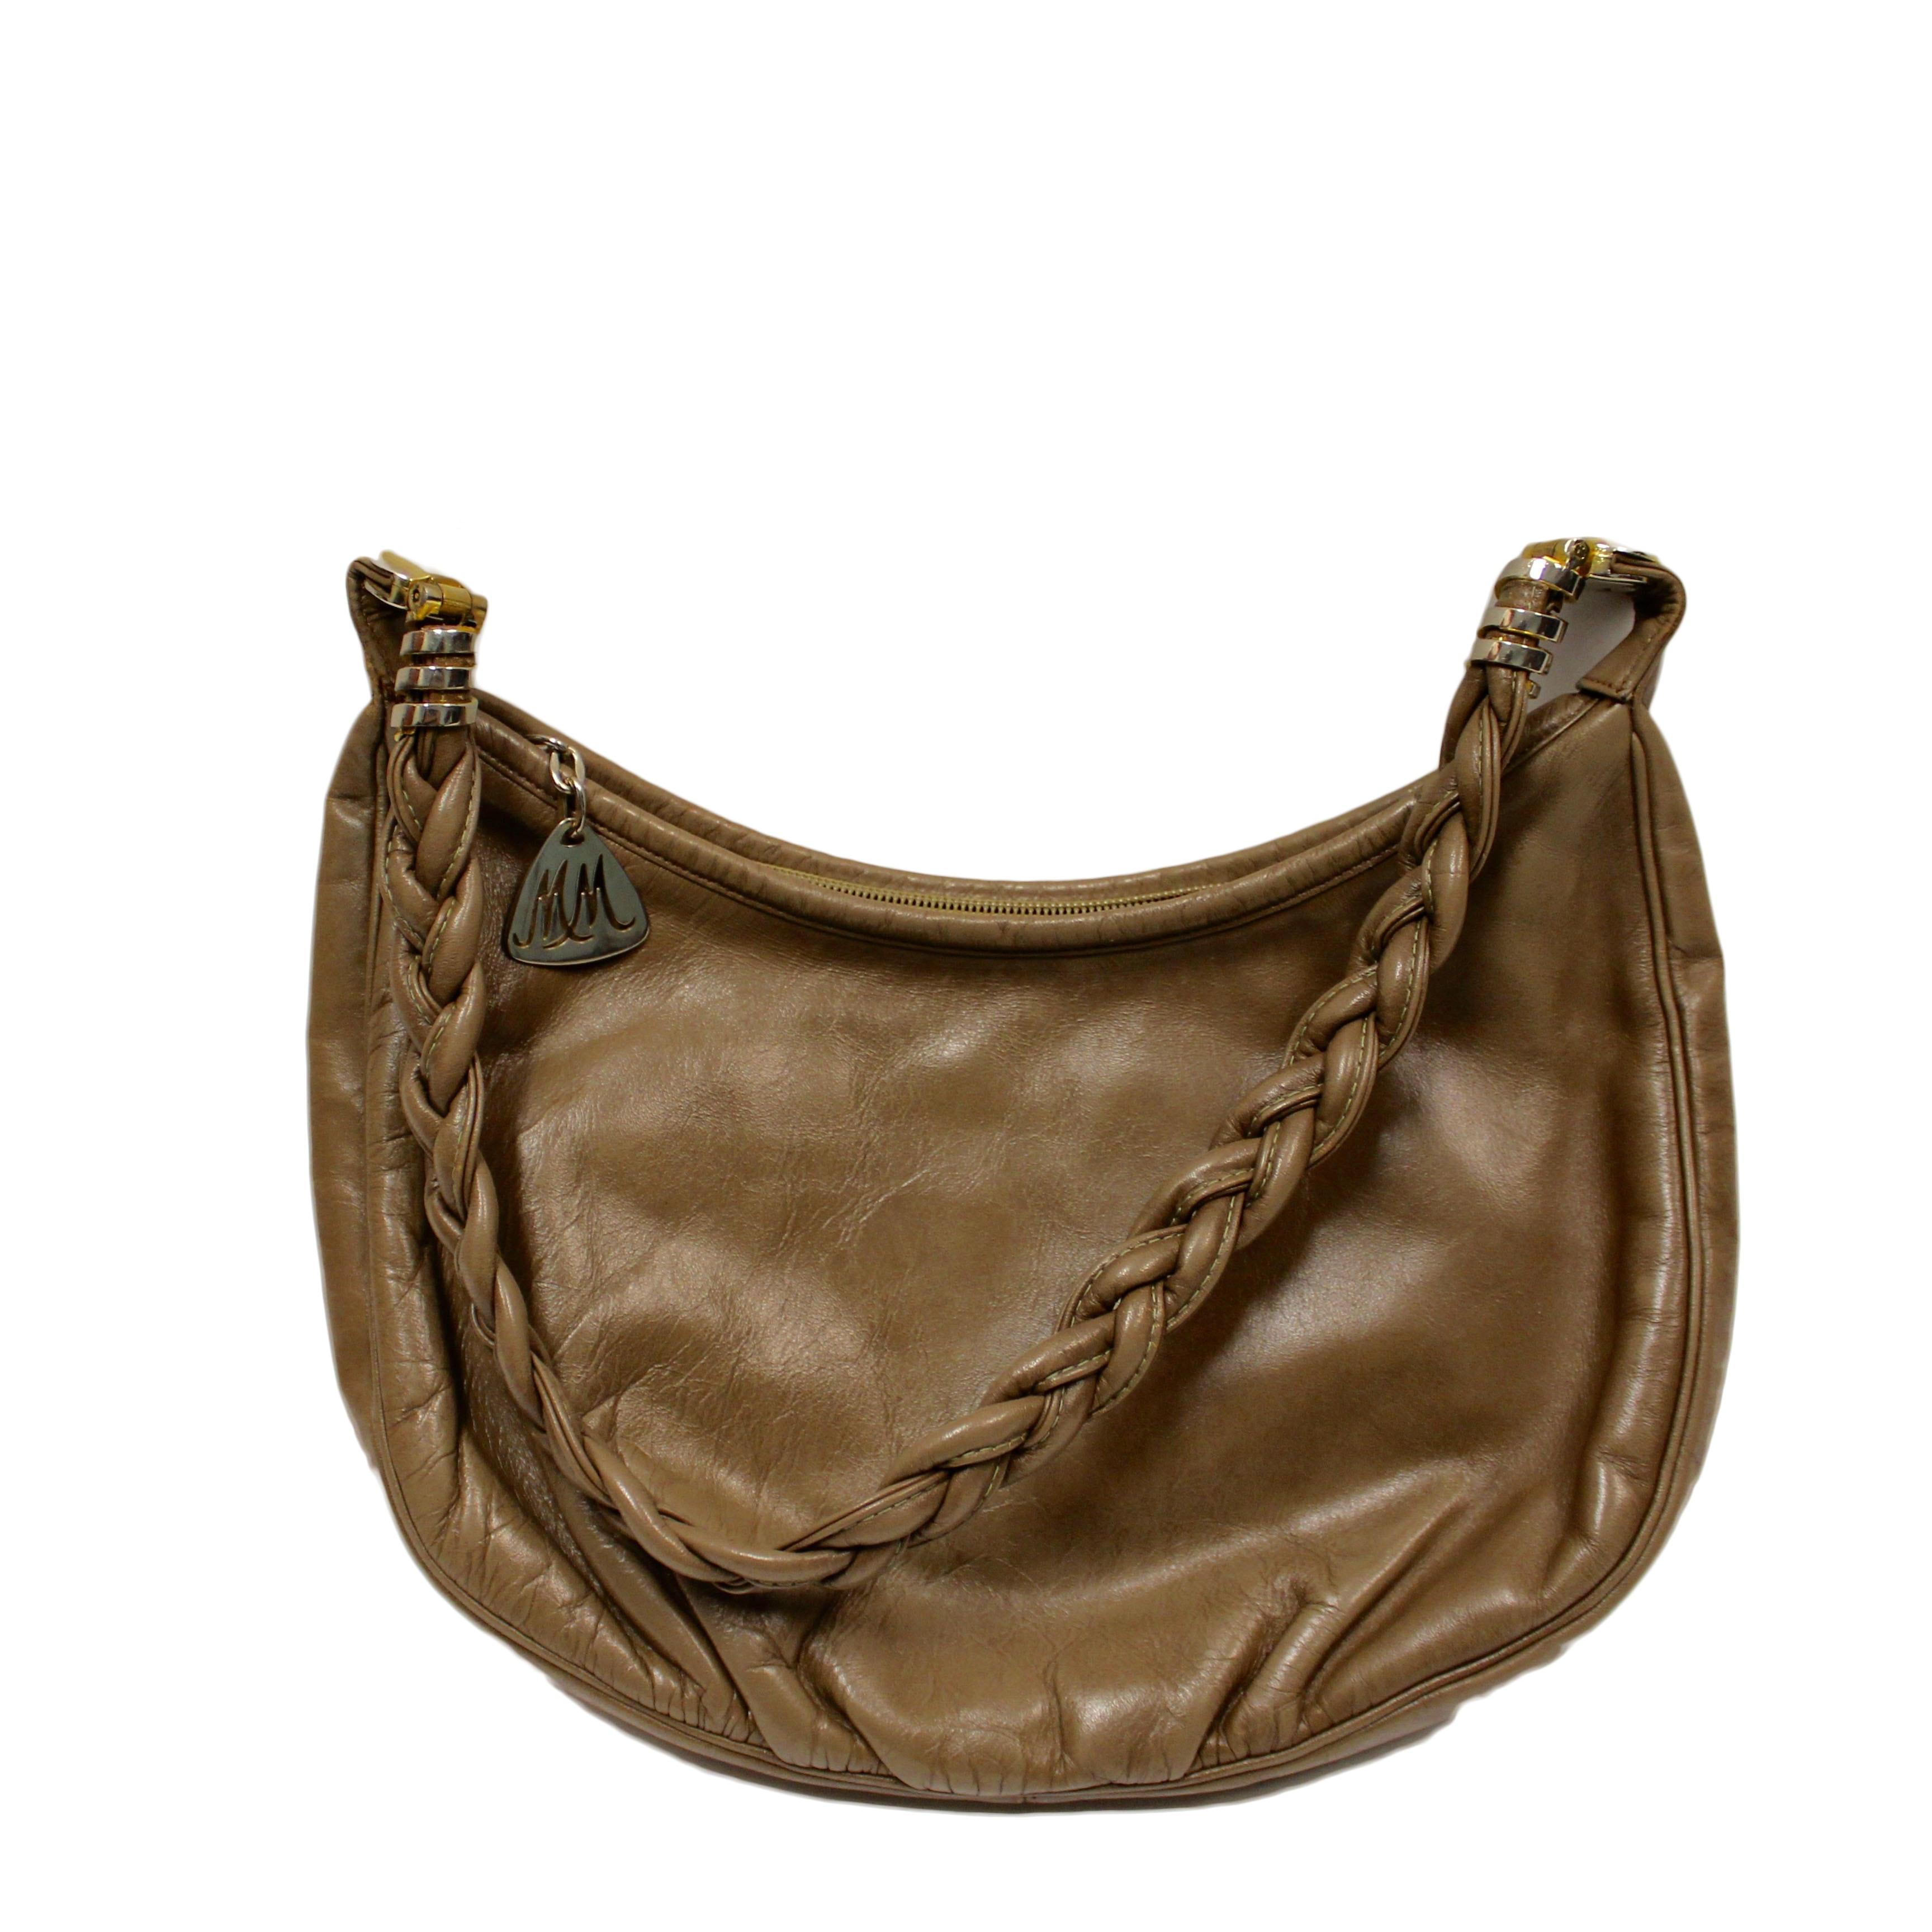 Vintage Morris Moskowitz Leather Shoulder Bag